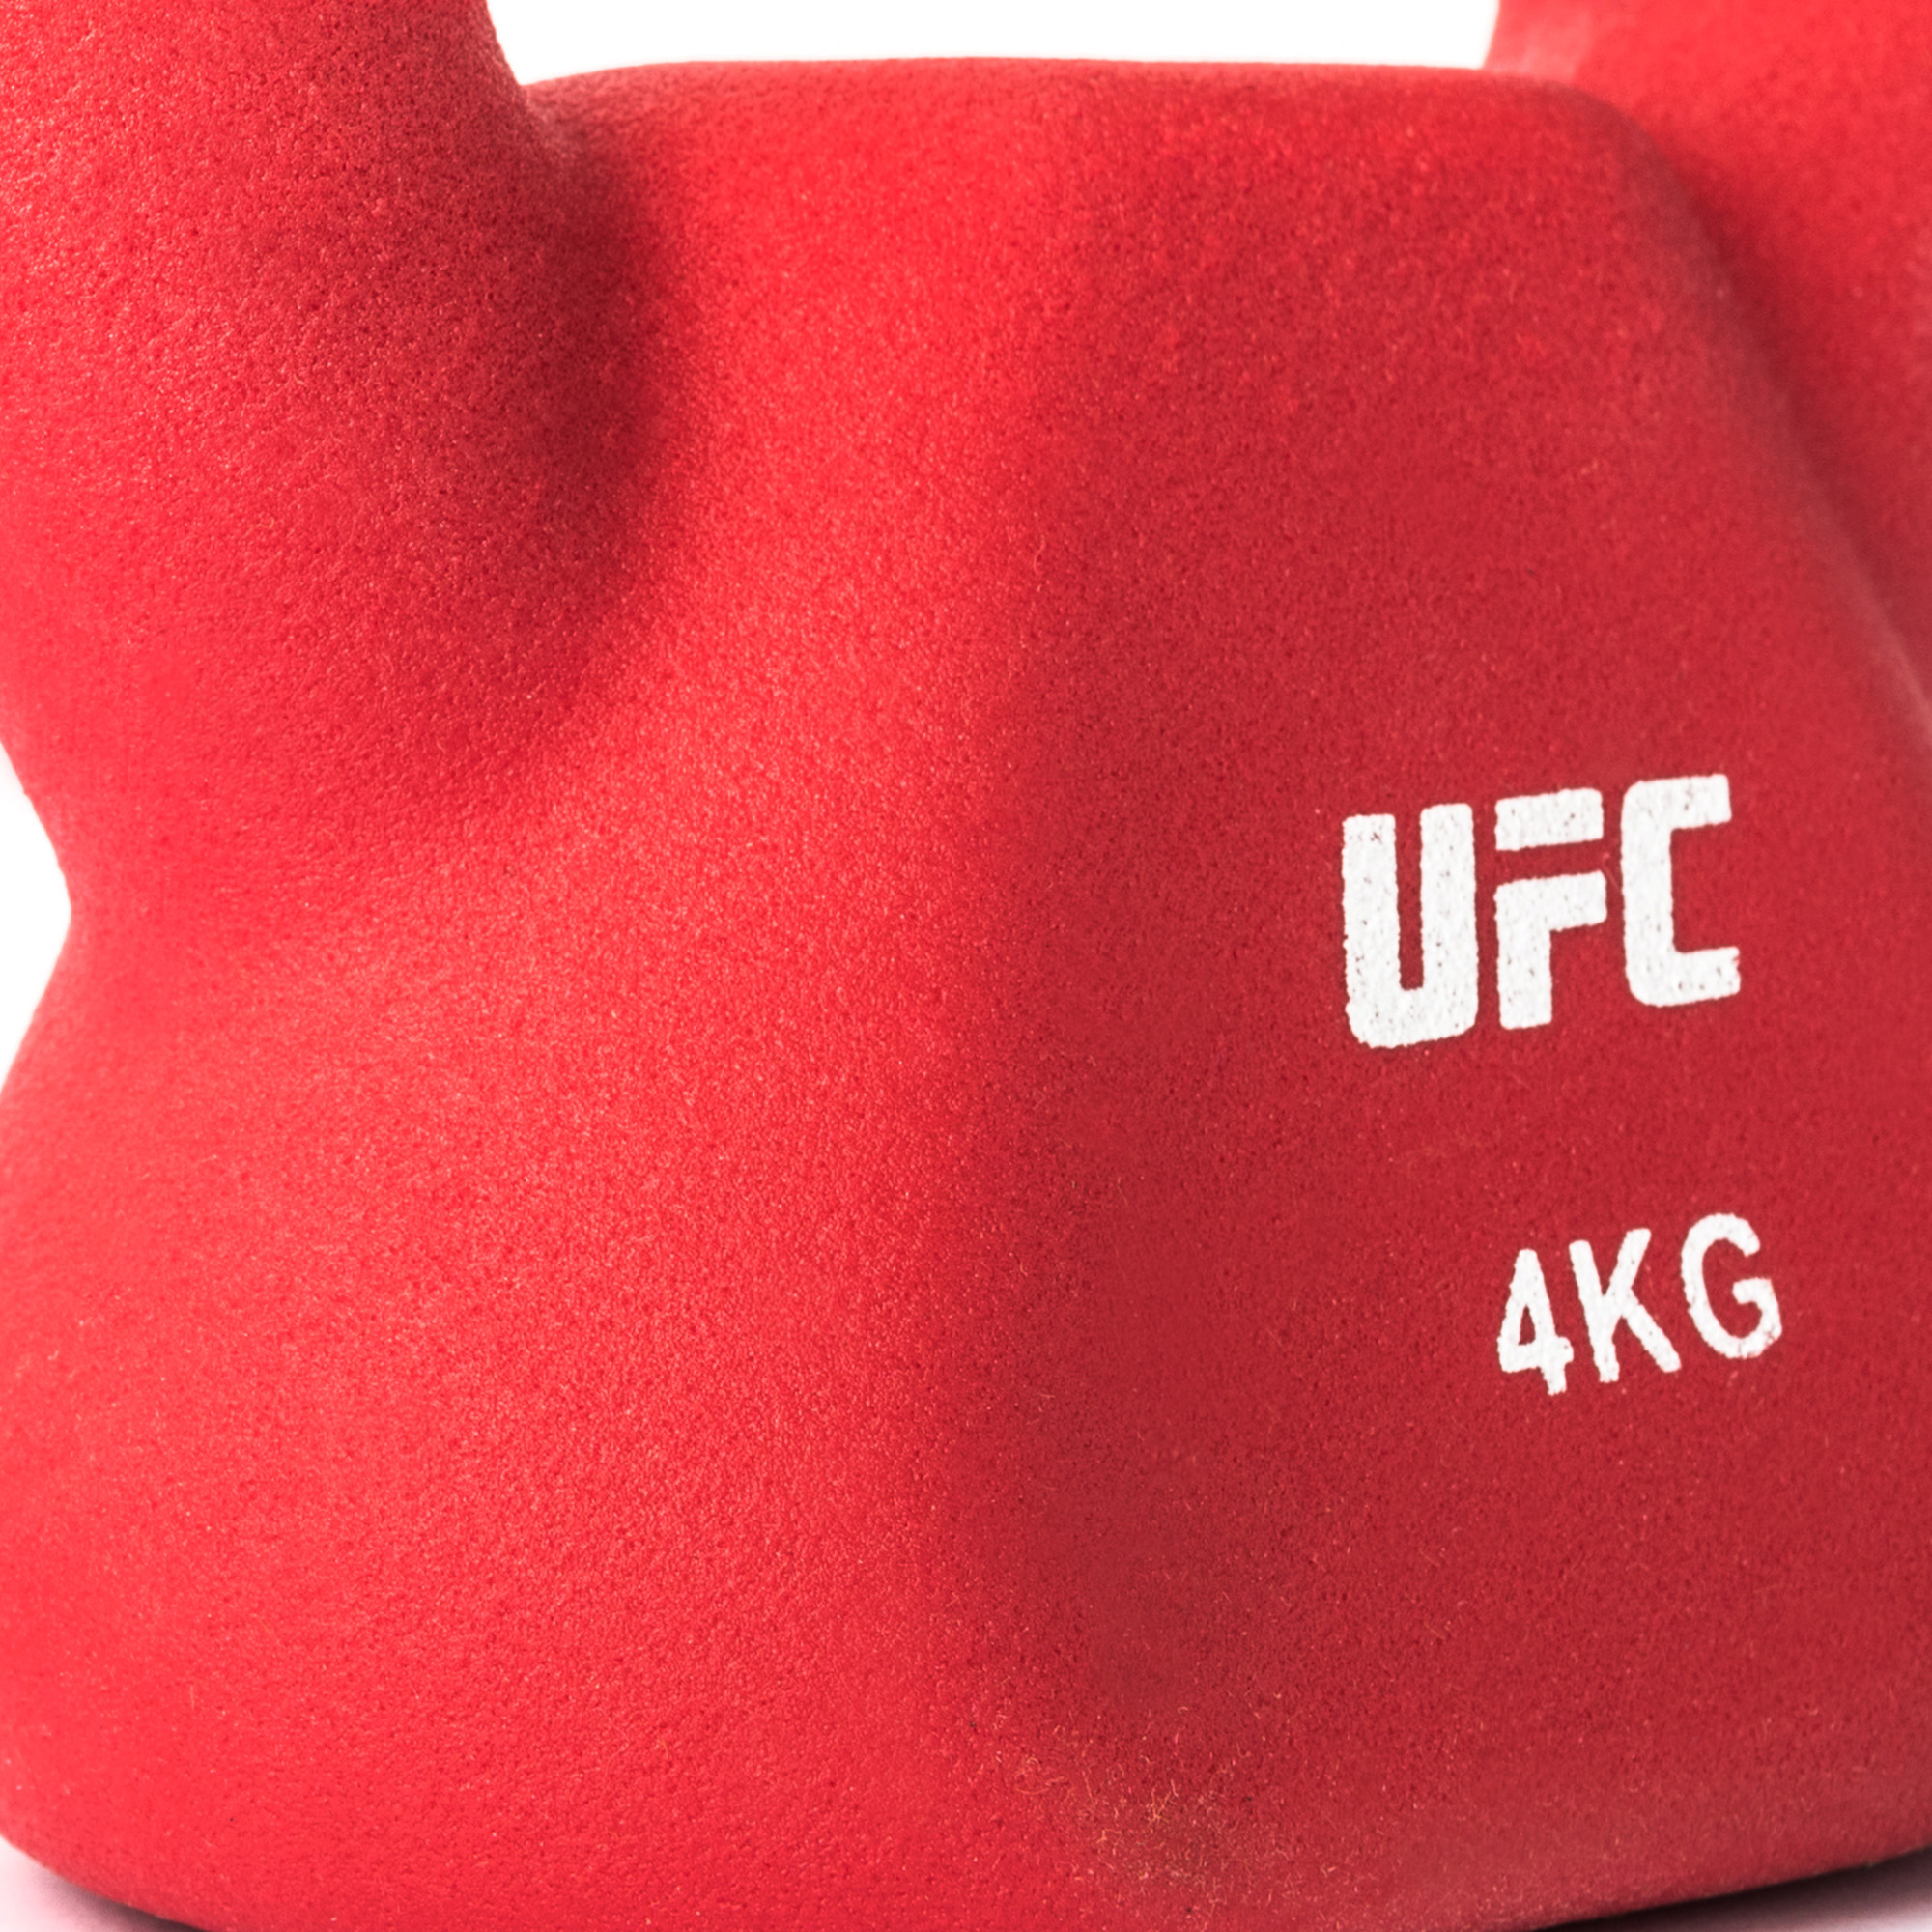 UFCFITNESS KETTLEBELL-4.jpg